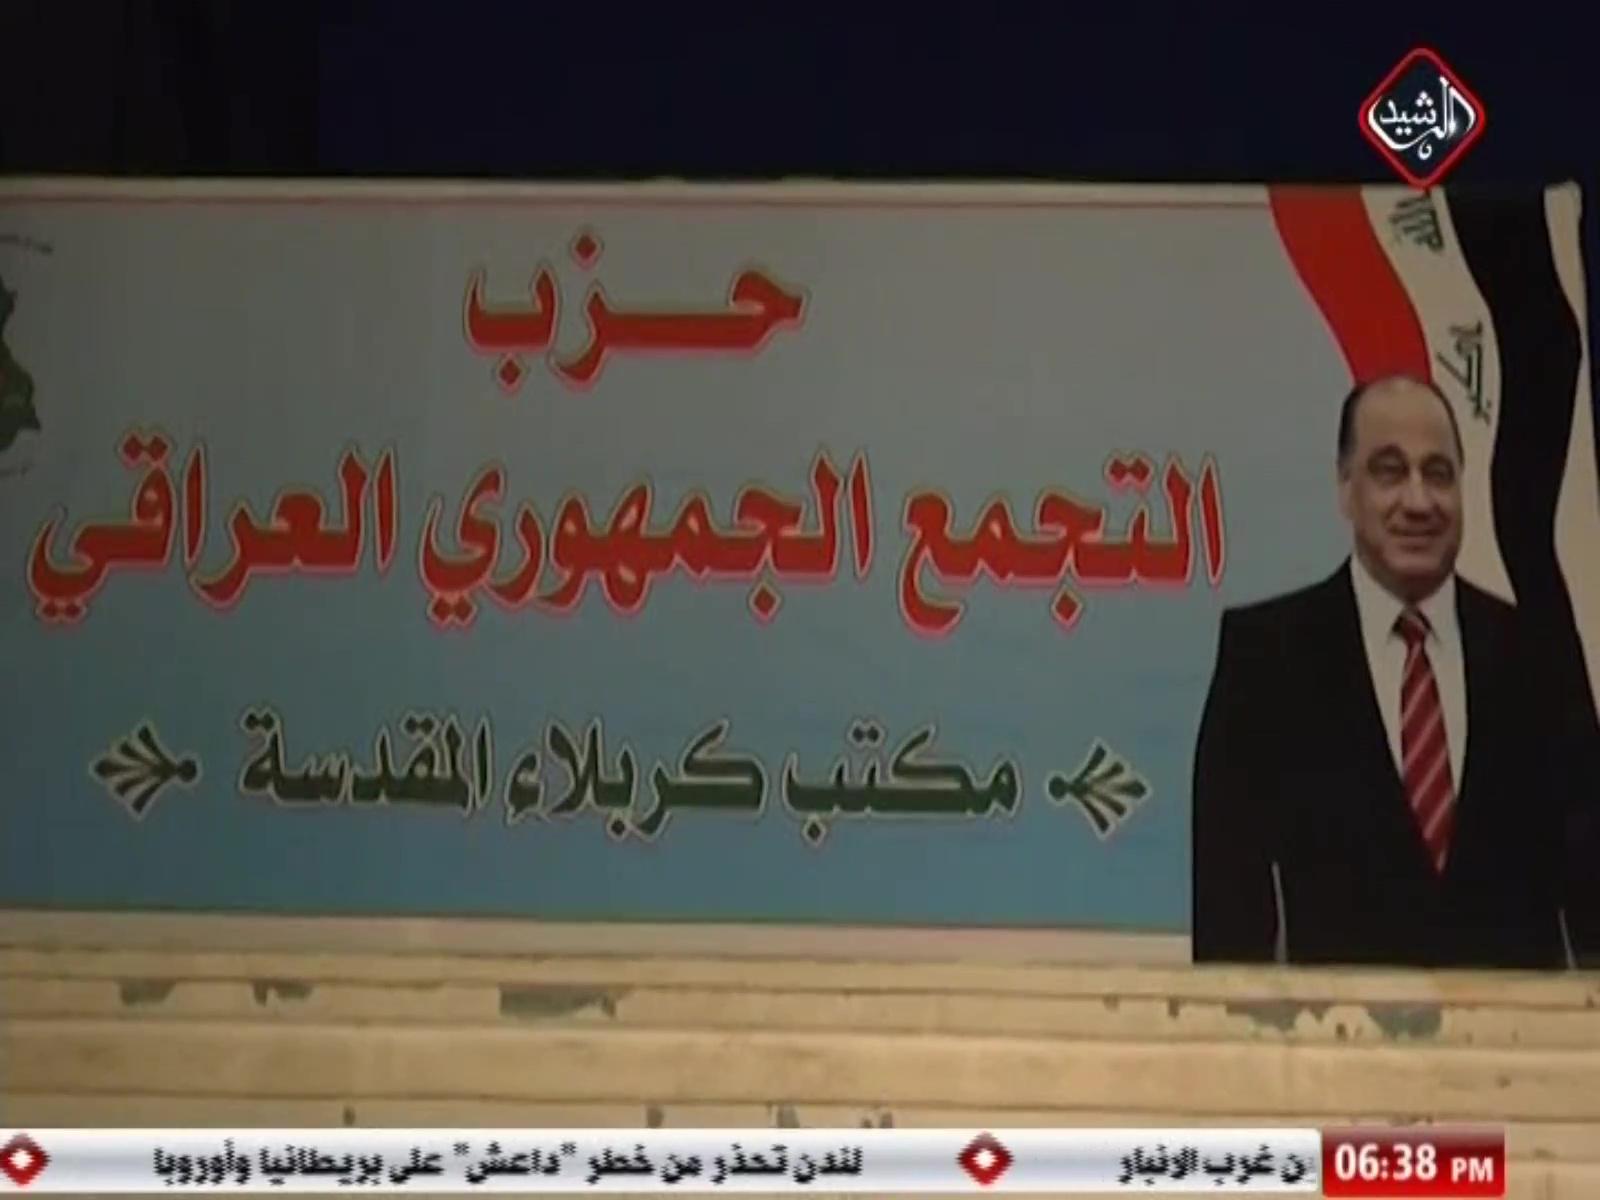 حزب التجمع الجمهوري يوزع سلات عذائية على العوائل المتعففة في كربلاء